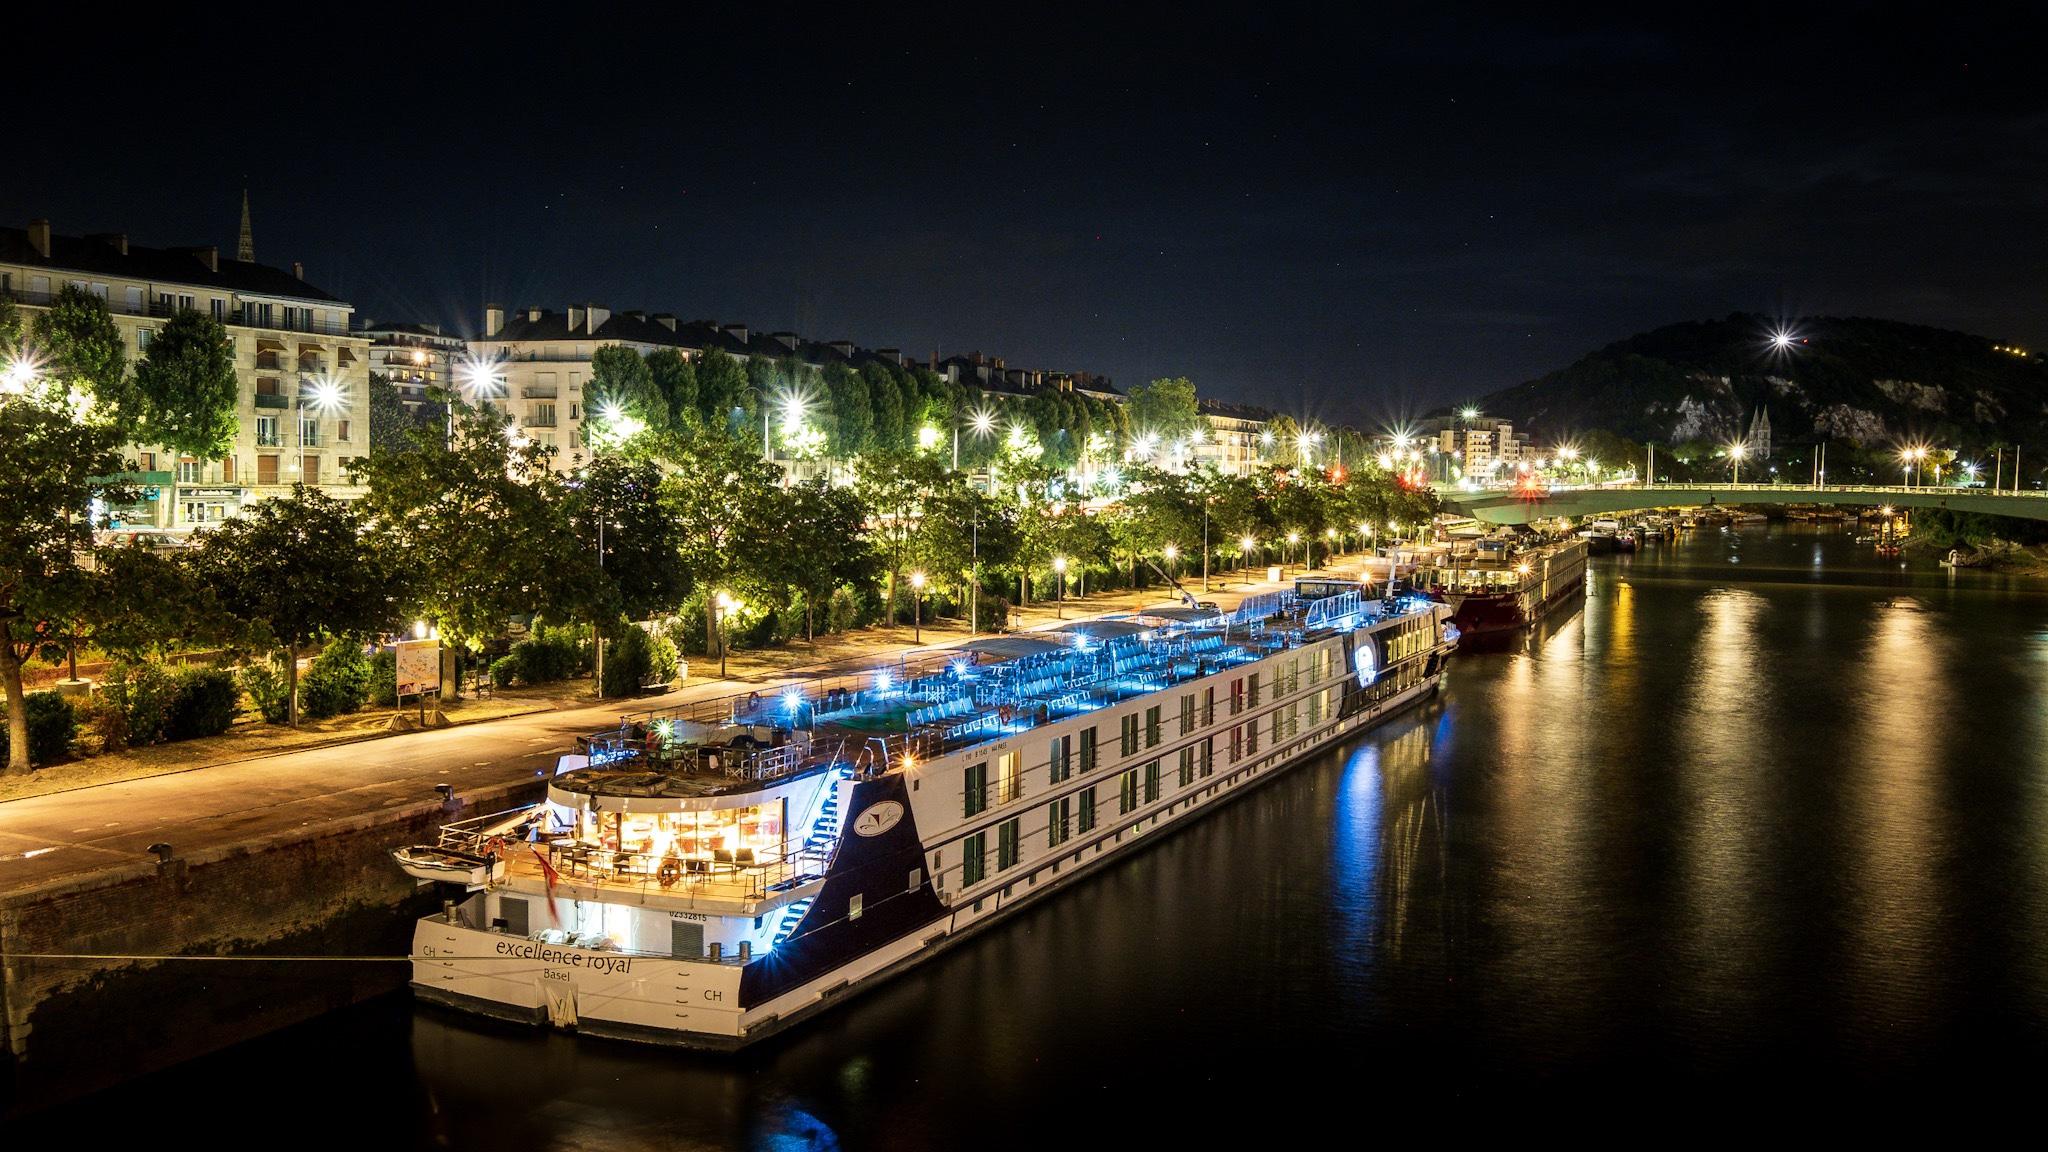 Reportage photo pour Reisebüro Mittelthurgau Fluss sur l'Excellence Royal